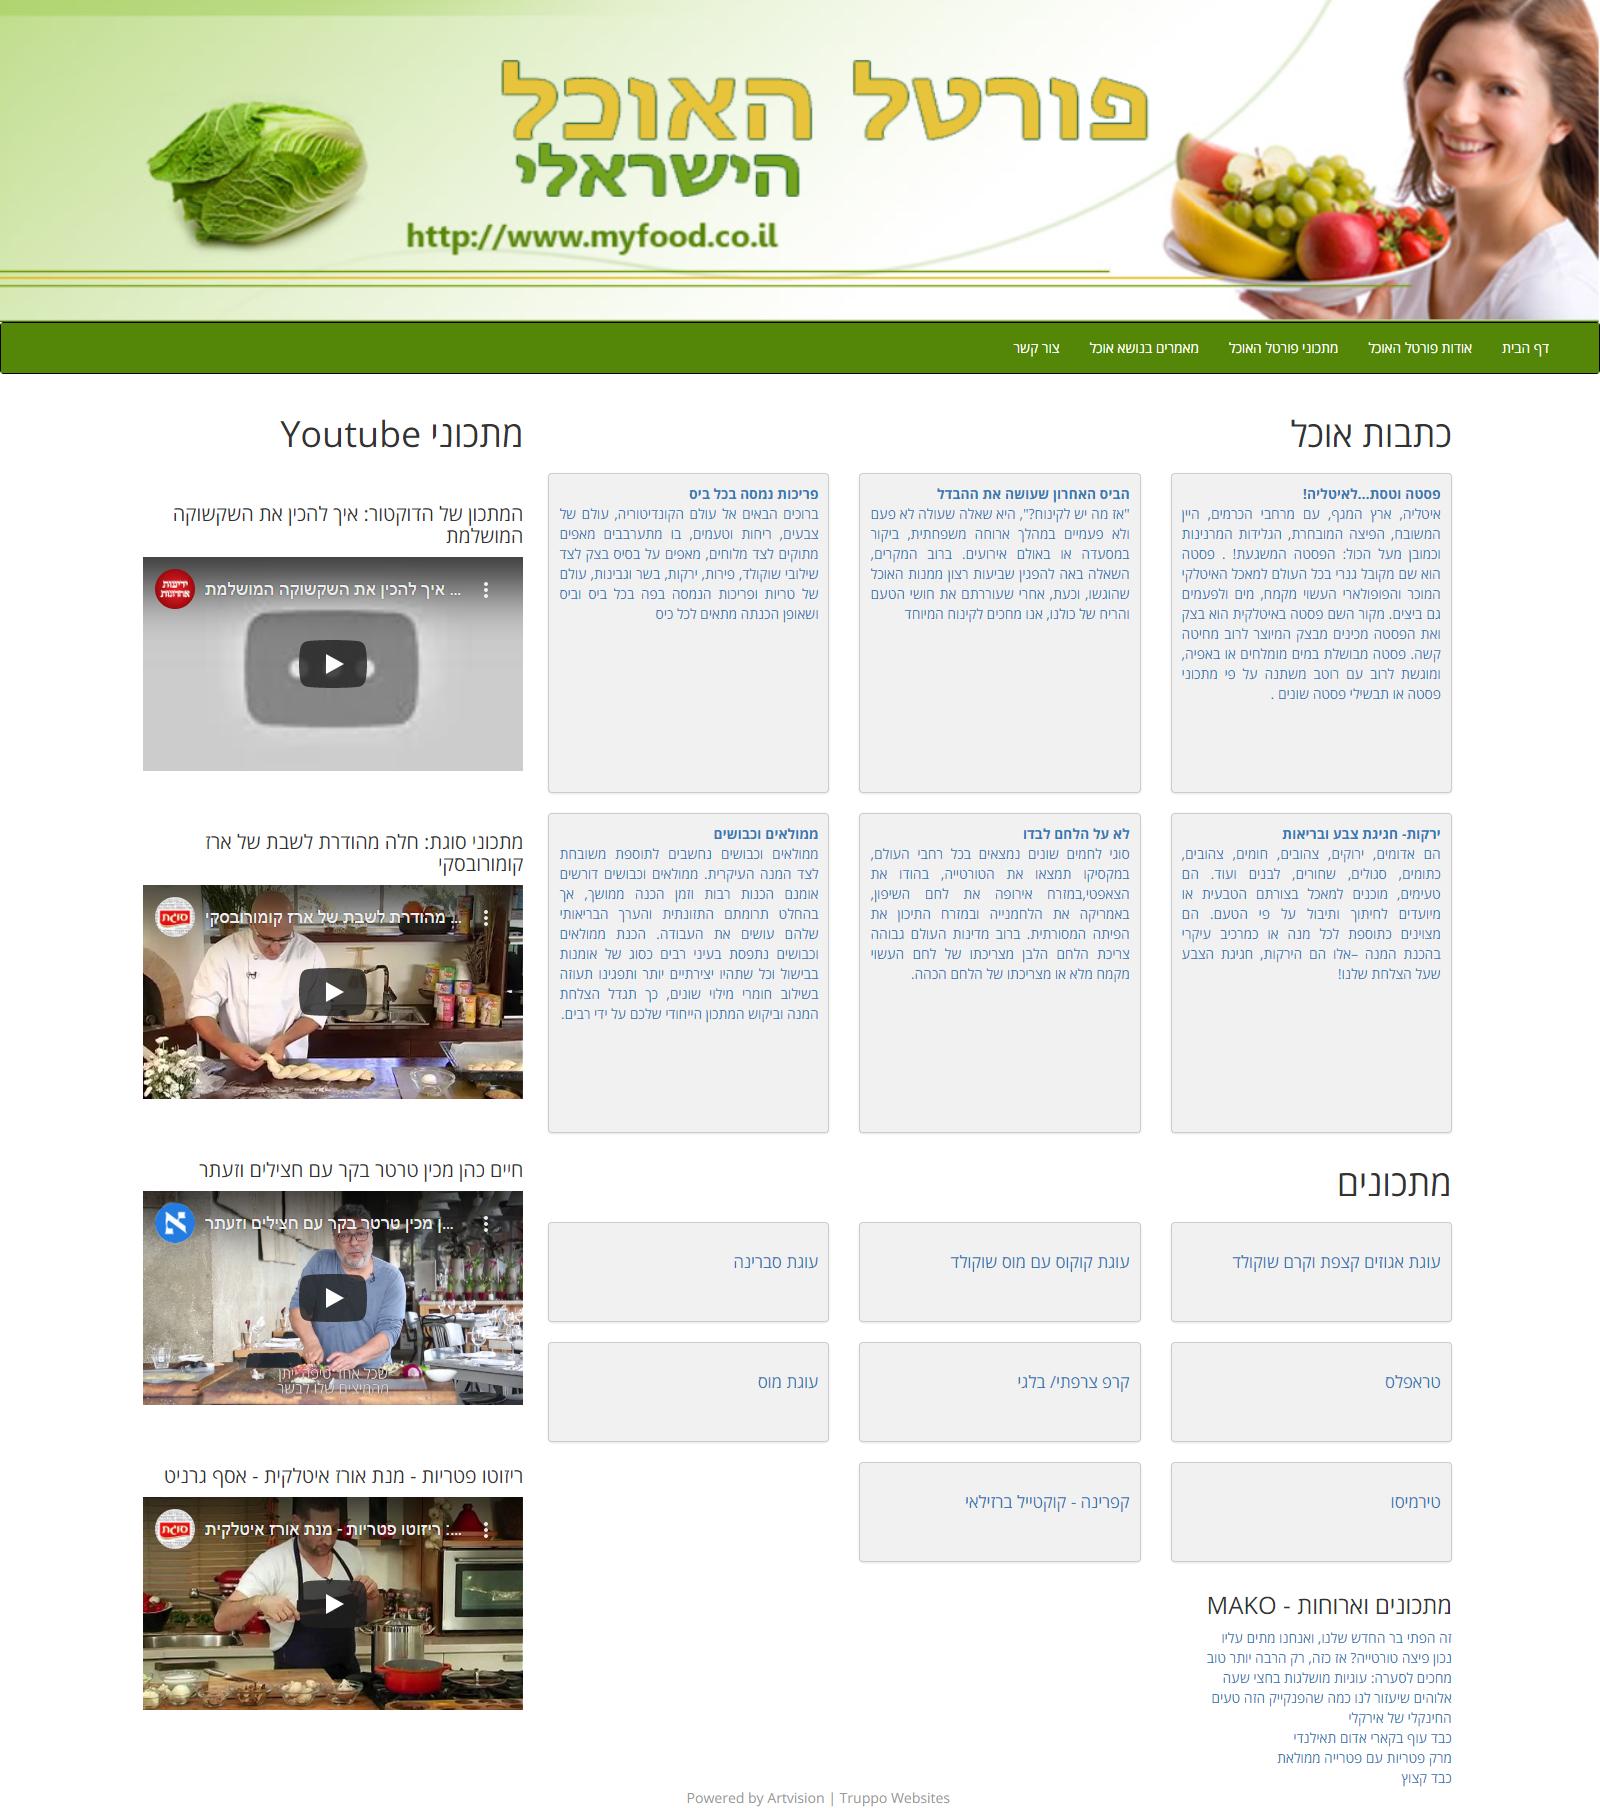 פורטל האוכל הישראלי